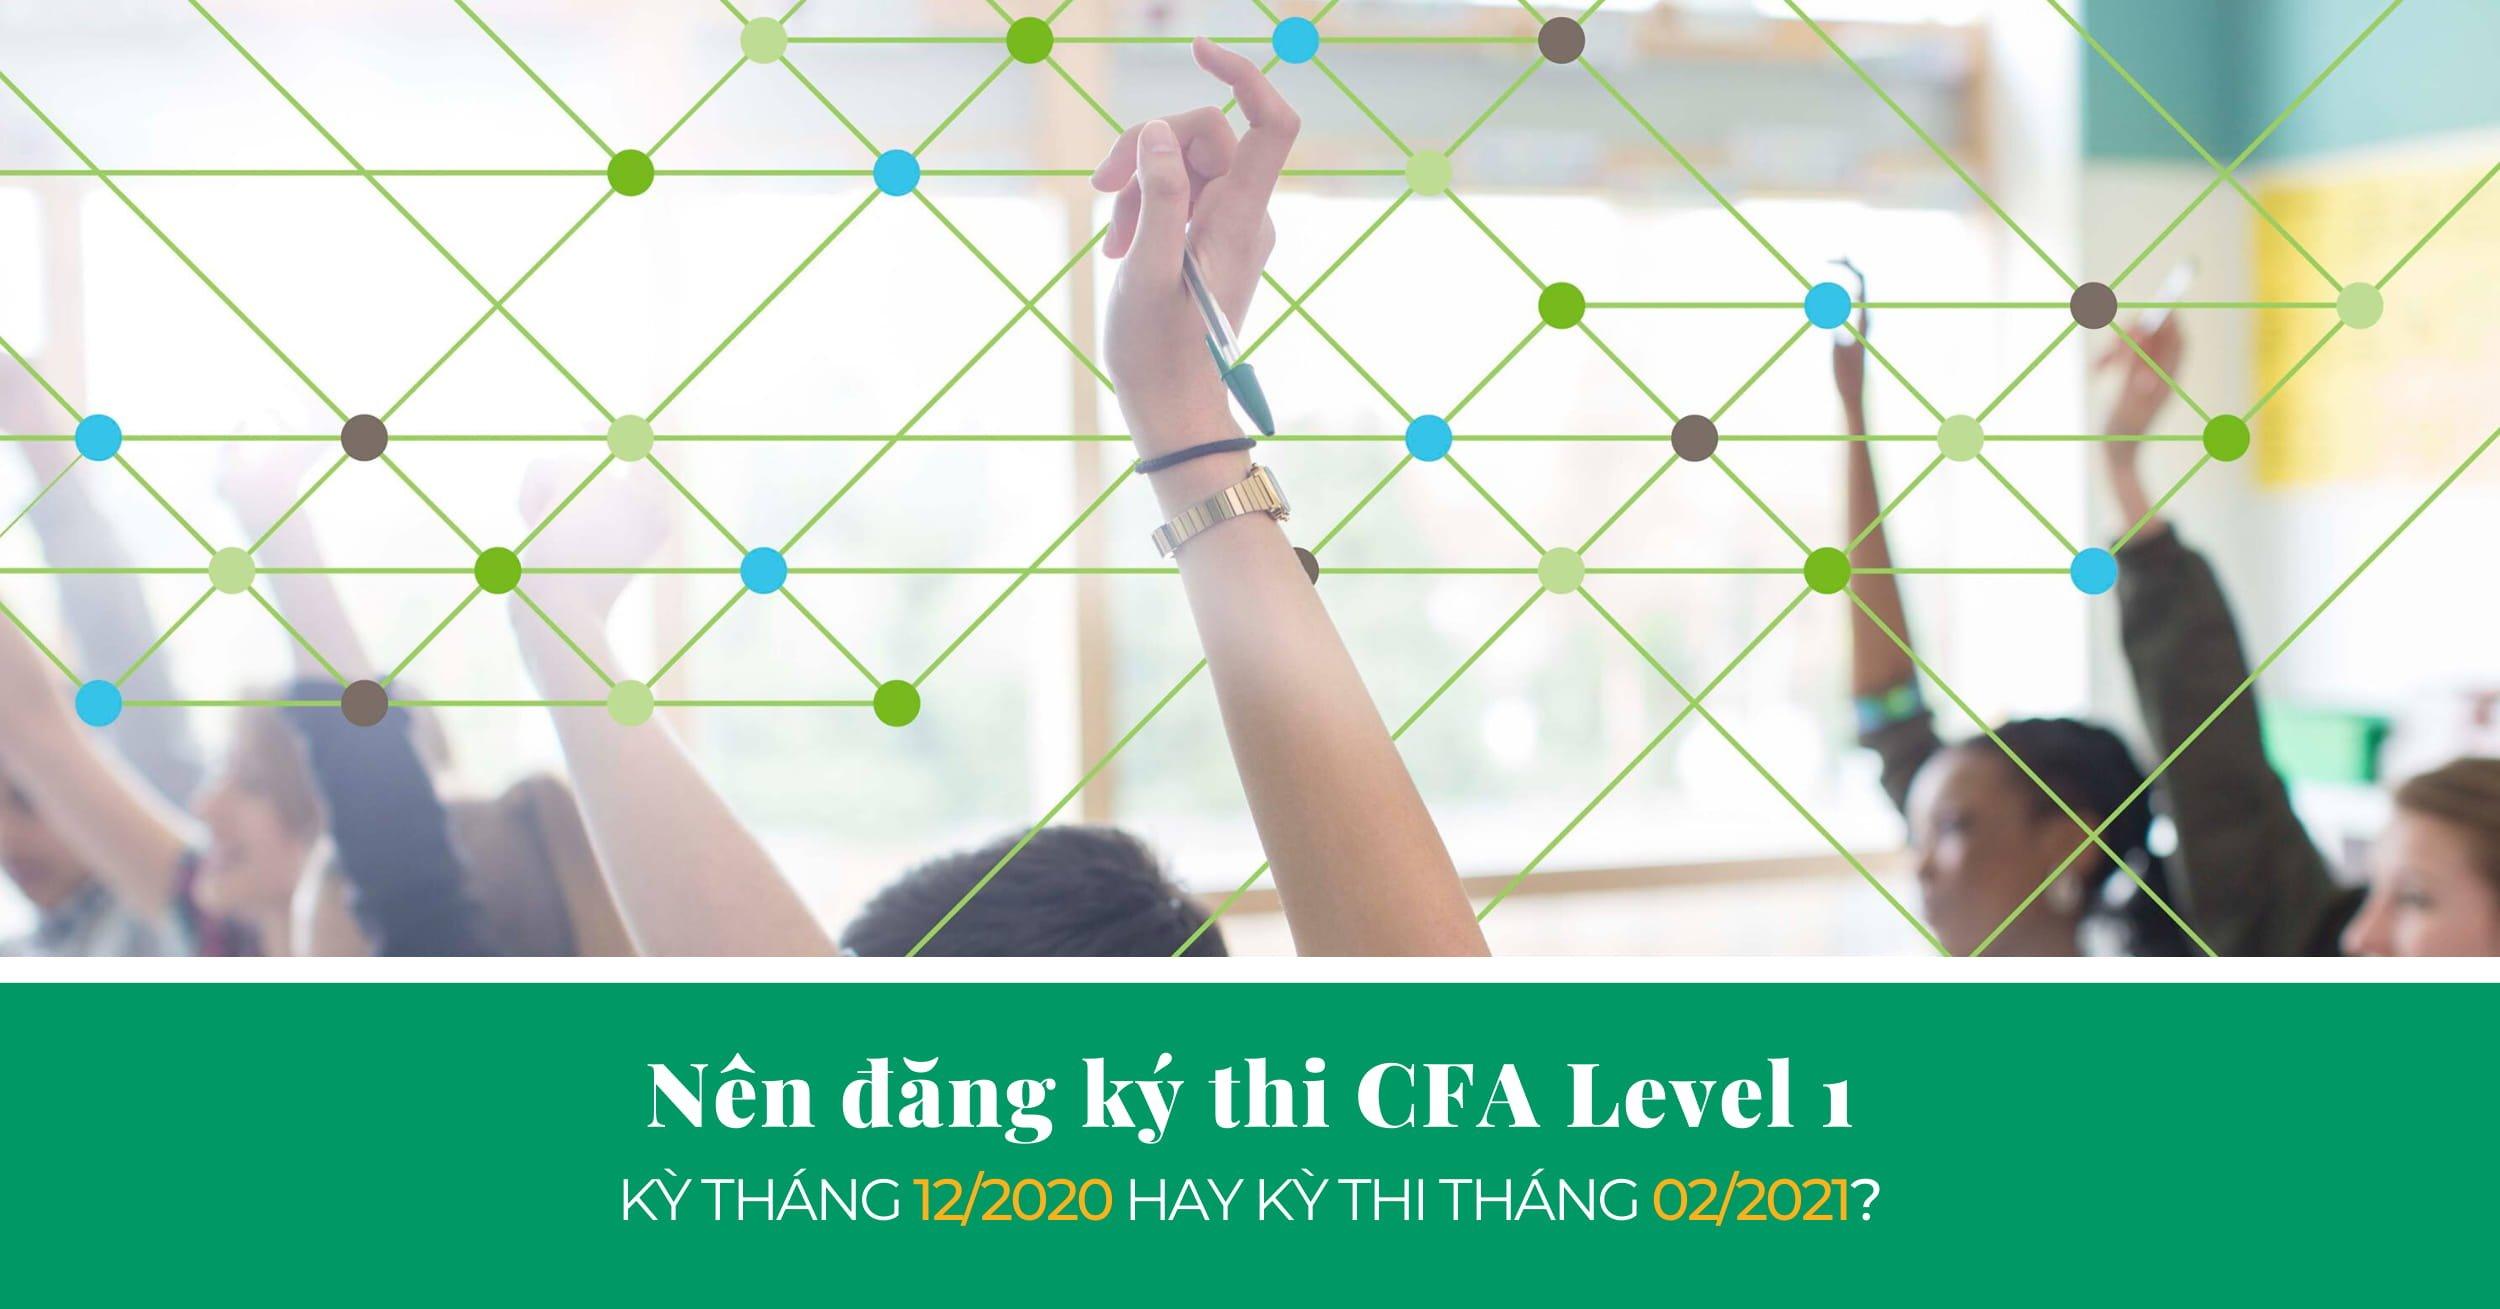 Nên Đăng Ký Thi CFA Level 1 Tháng 12/2020 Hay Tháng 02/2021? - SAPP Academy